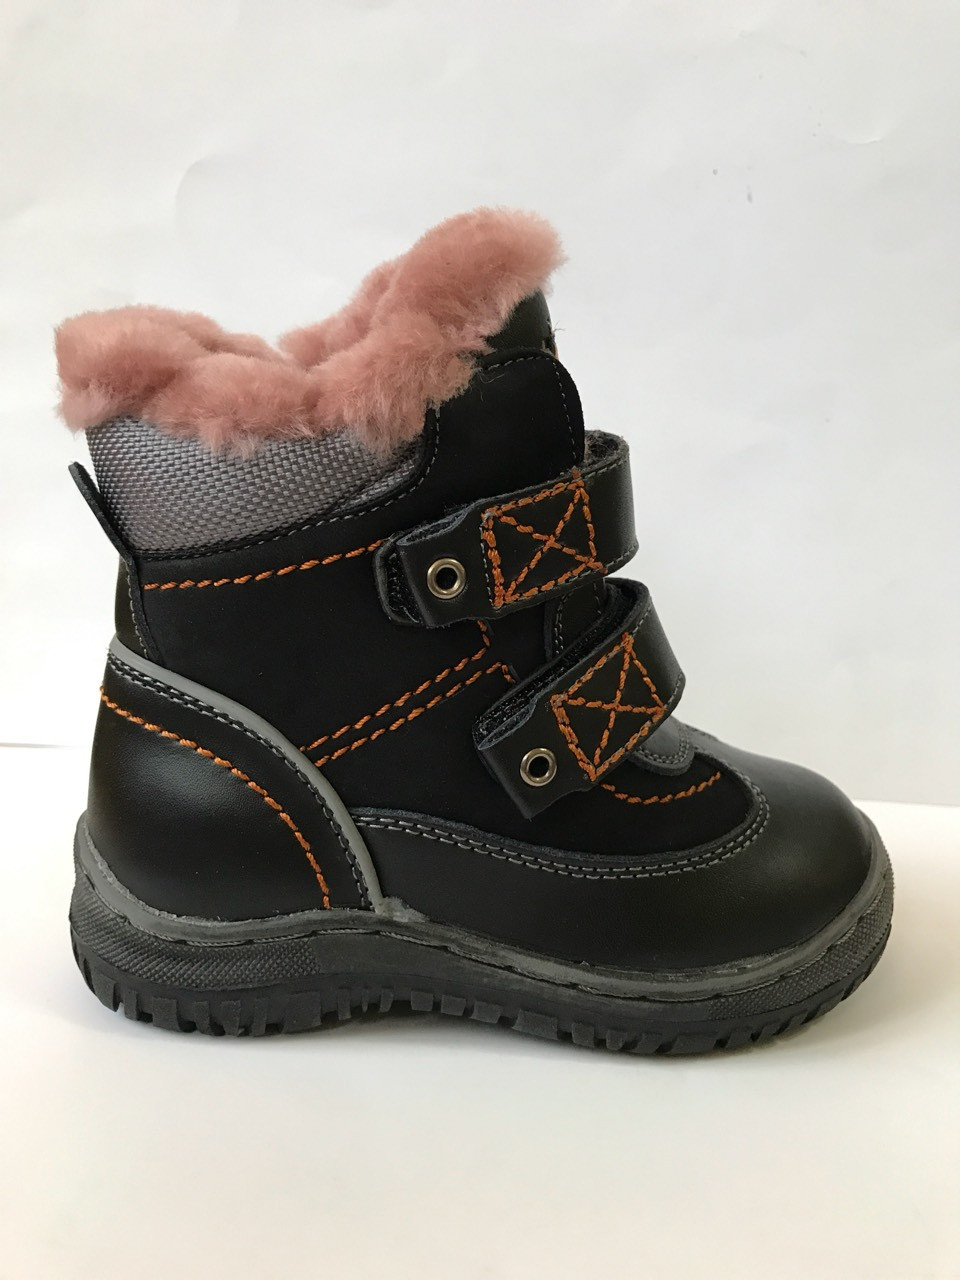 8855eb67 Зимние детские ботинки Baby Sky (а2180) 25 размер - Интернет-магазин